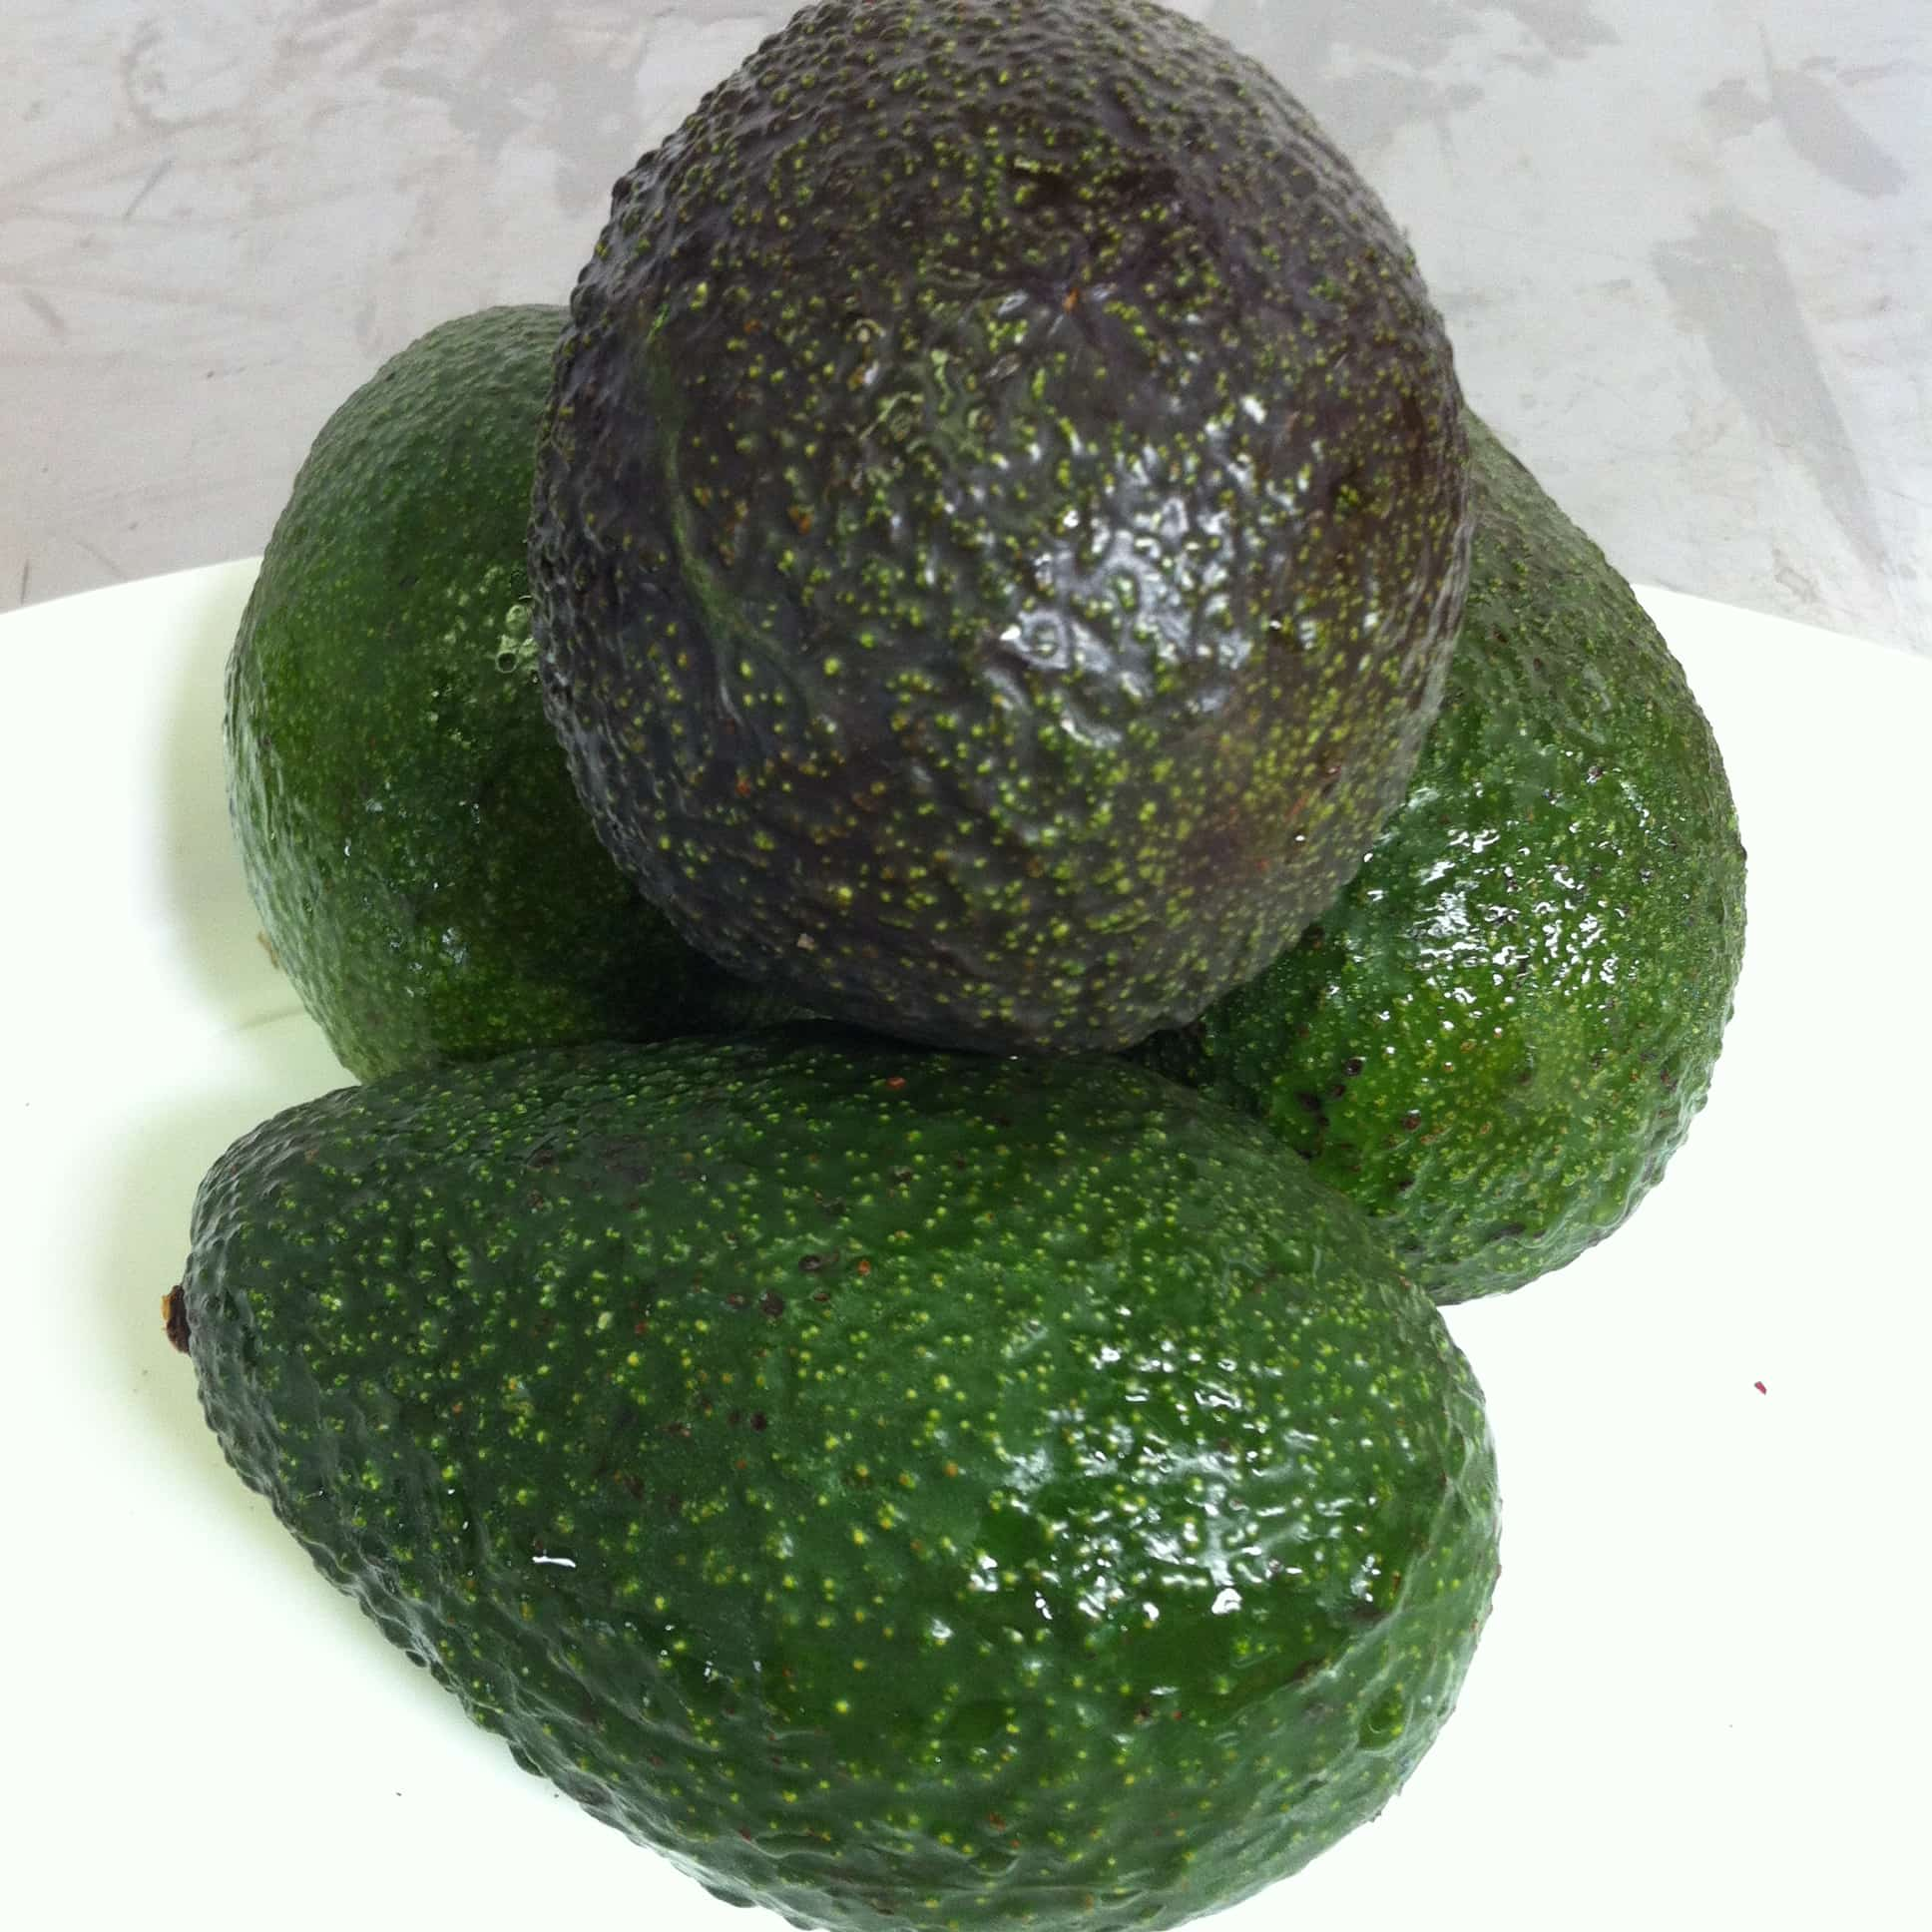 Quả bơ Úc nhập khẩu - Vinfruits.com